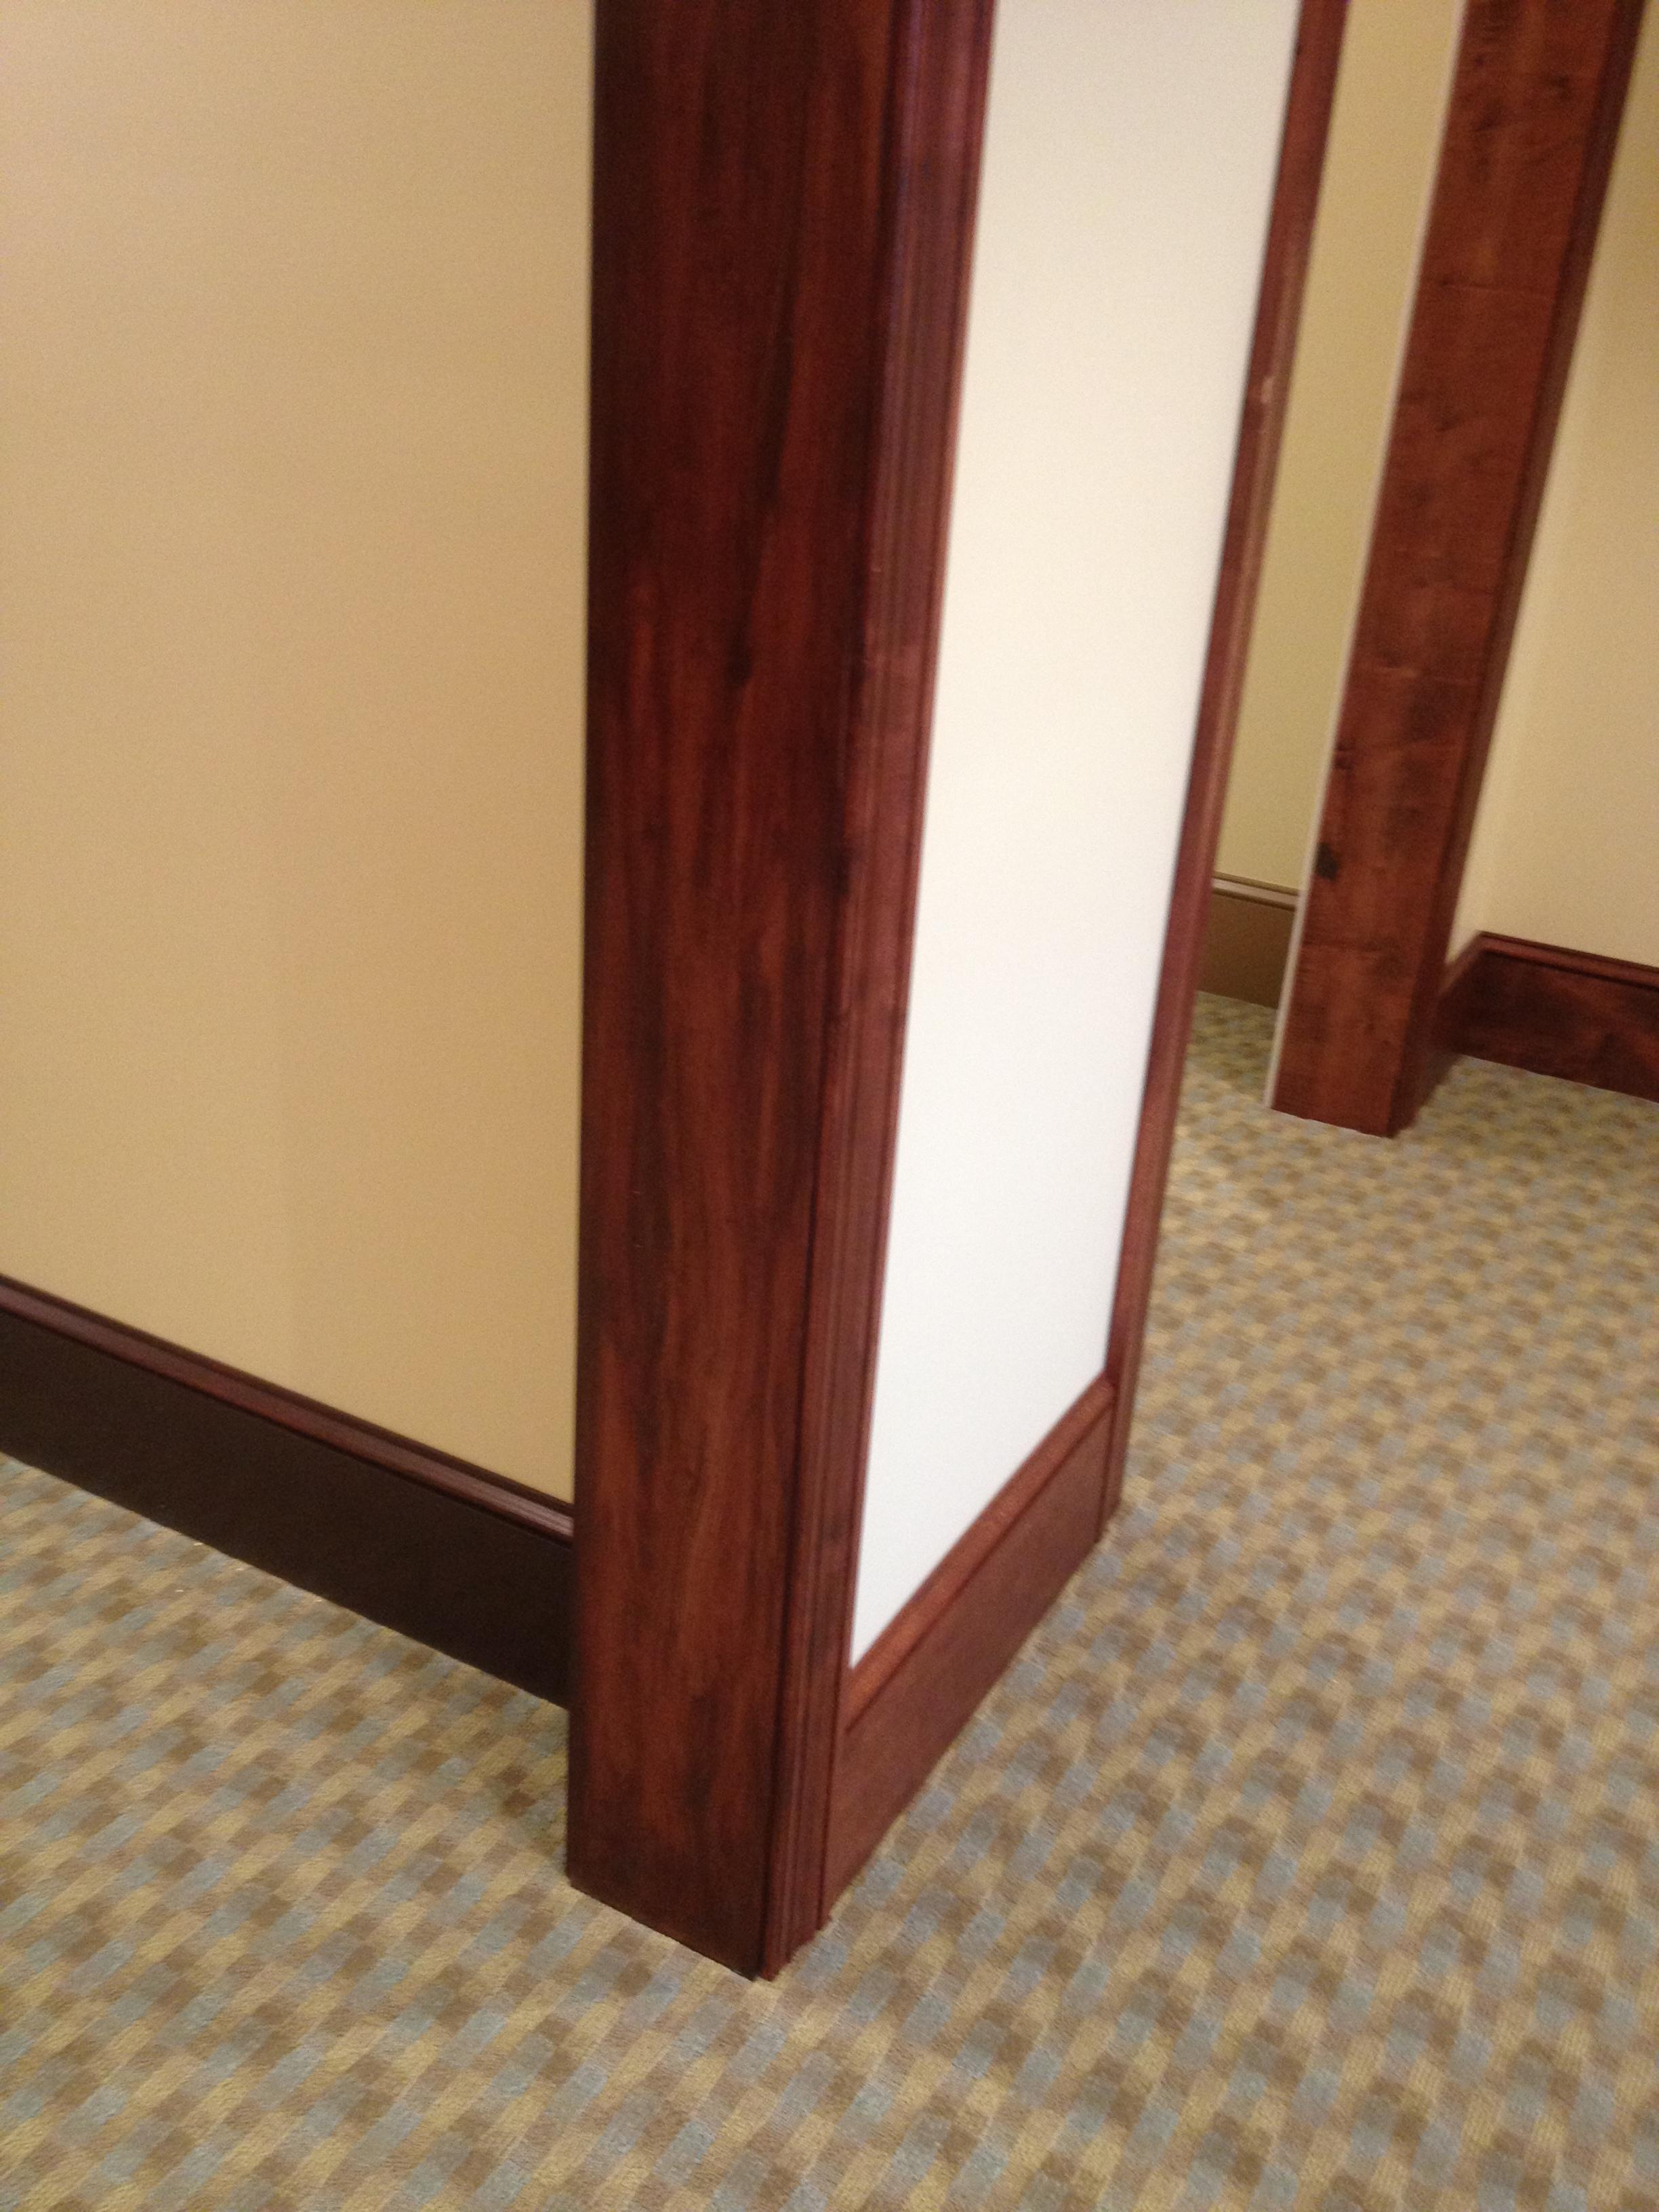 Faux Wood Doors Spring Ridge Golf Country Club (7).JPG